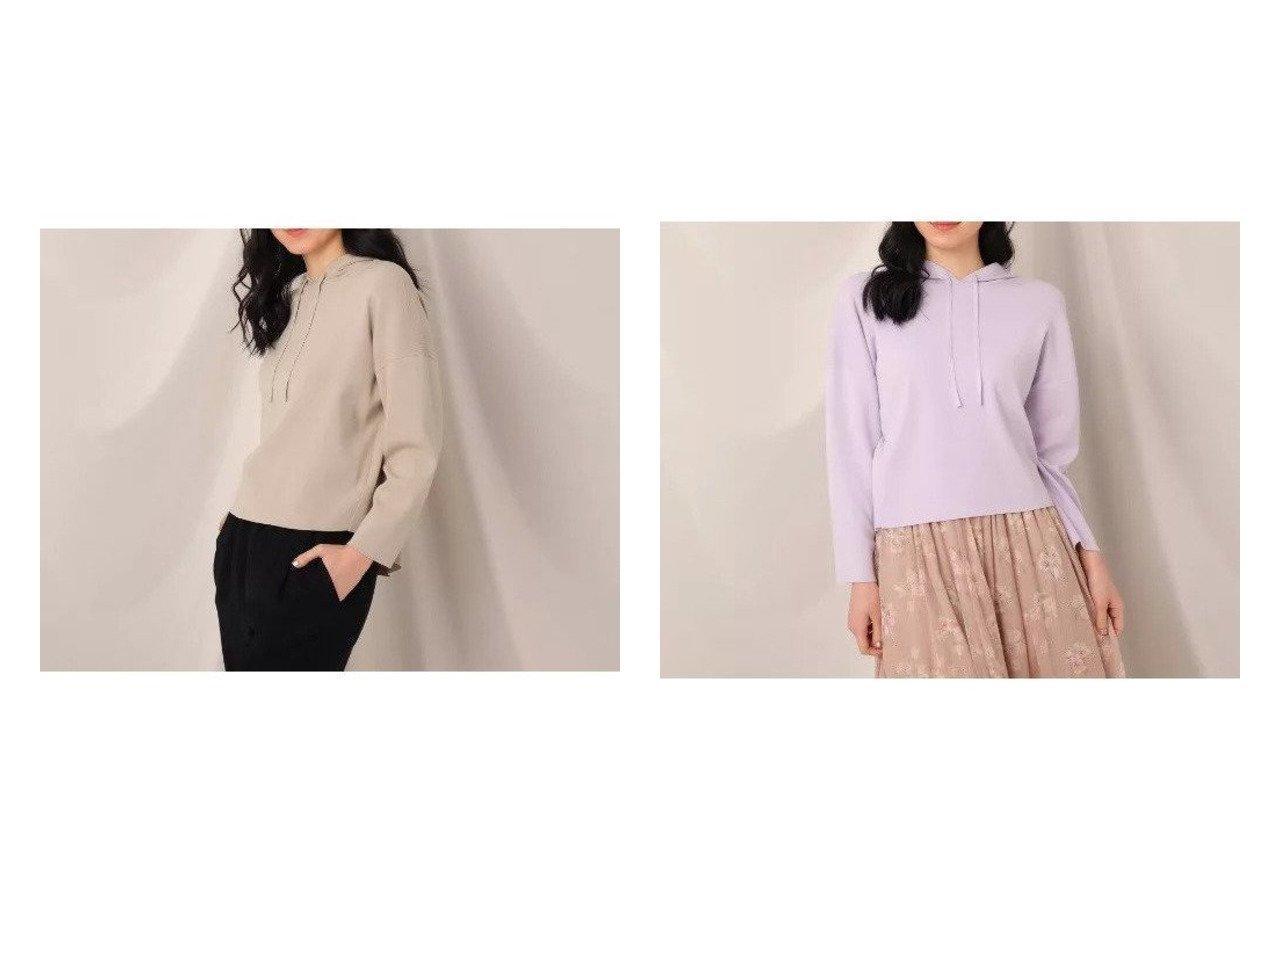 【Couture Brooch/クチュール ブローチ】のバックコクーンニットフーディー トップス・カットソーのおすすめ!人気、トレンド・レディースファッションの通販 おすすめで人気の流行・トレンド、ファッションの通販商品 メンズファッション・キッズファッション・インテリア・家具・レディースファッション・服の通販 founy(ファニー) https://founy.com/ ファッション Fashion レディースファッション WOMEN トップス カットソー Tops Tshirt ニット Knit Tops パーカ Sweats スウェット Sweat スウェット バランス パーカー レース ロング |ID:crp329100000023042